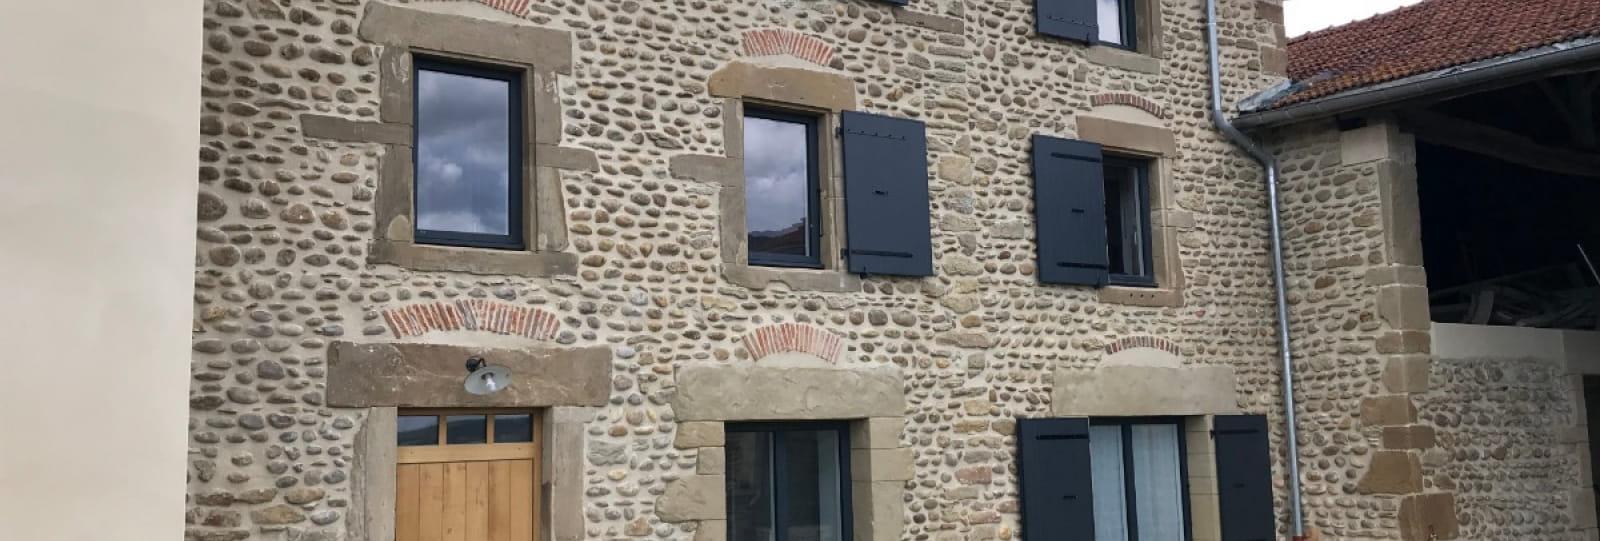 Meublé La Maison de Paul et Margaux